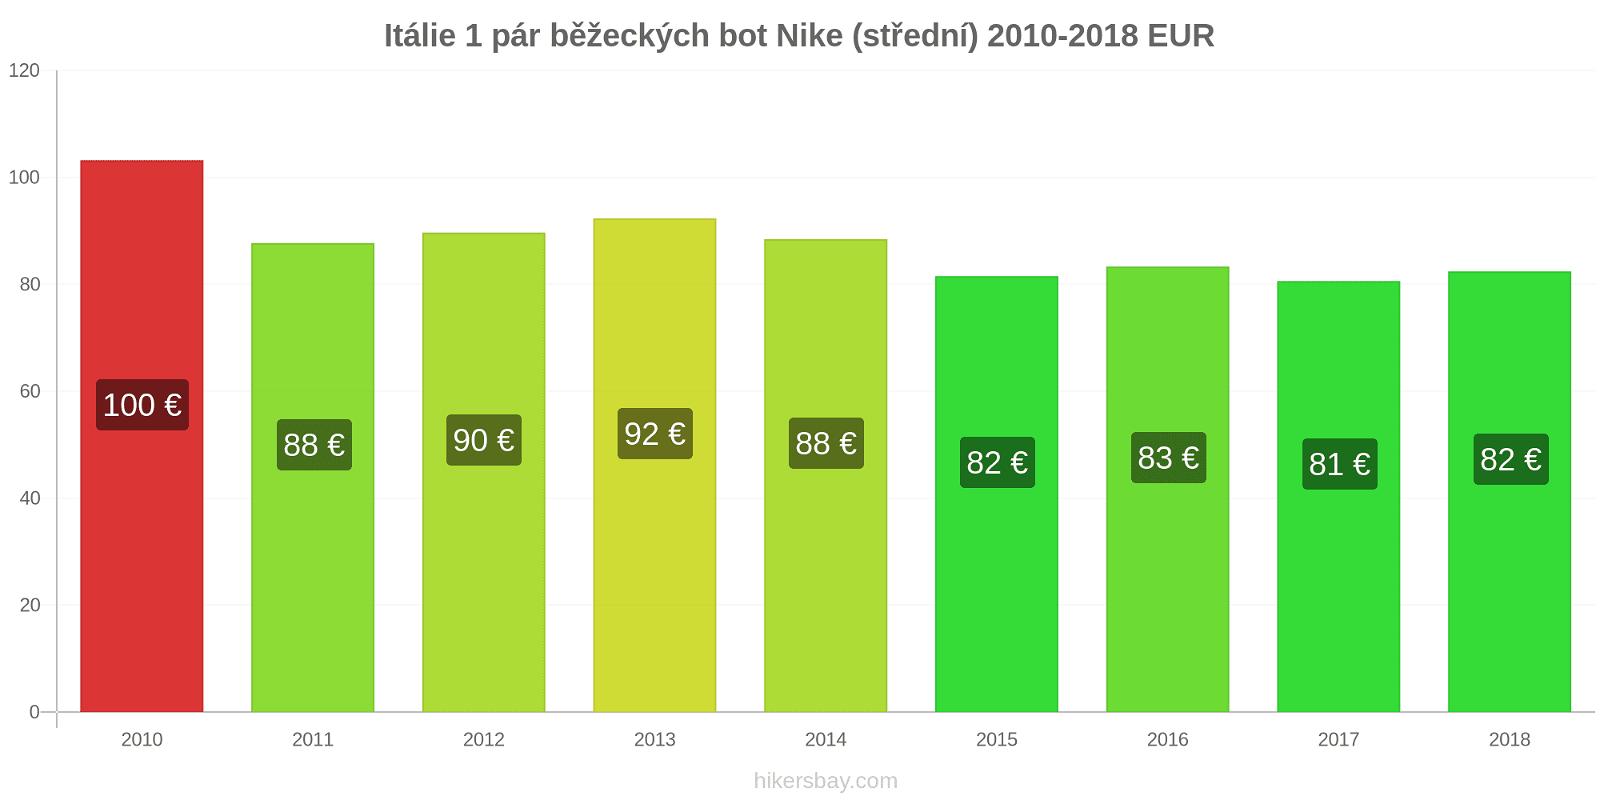 Itálie změny cen 1 pár běžeckých bot Nike (střední) hikersbay.com